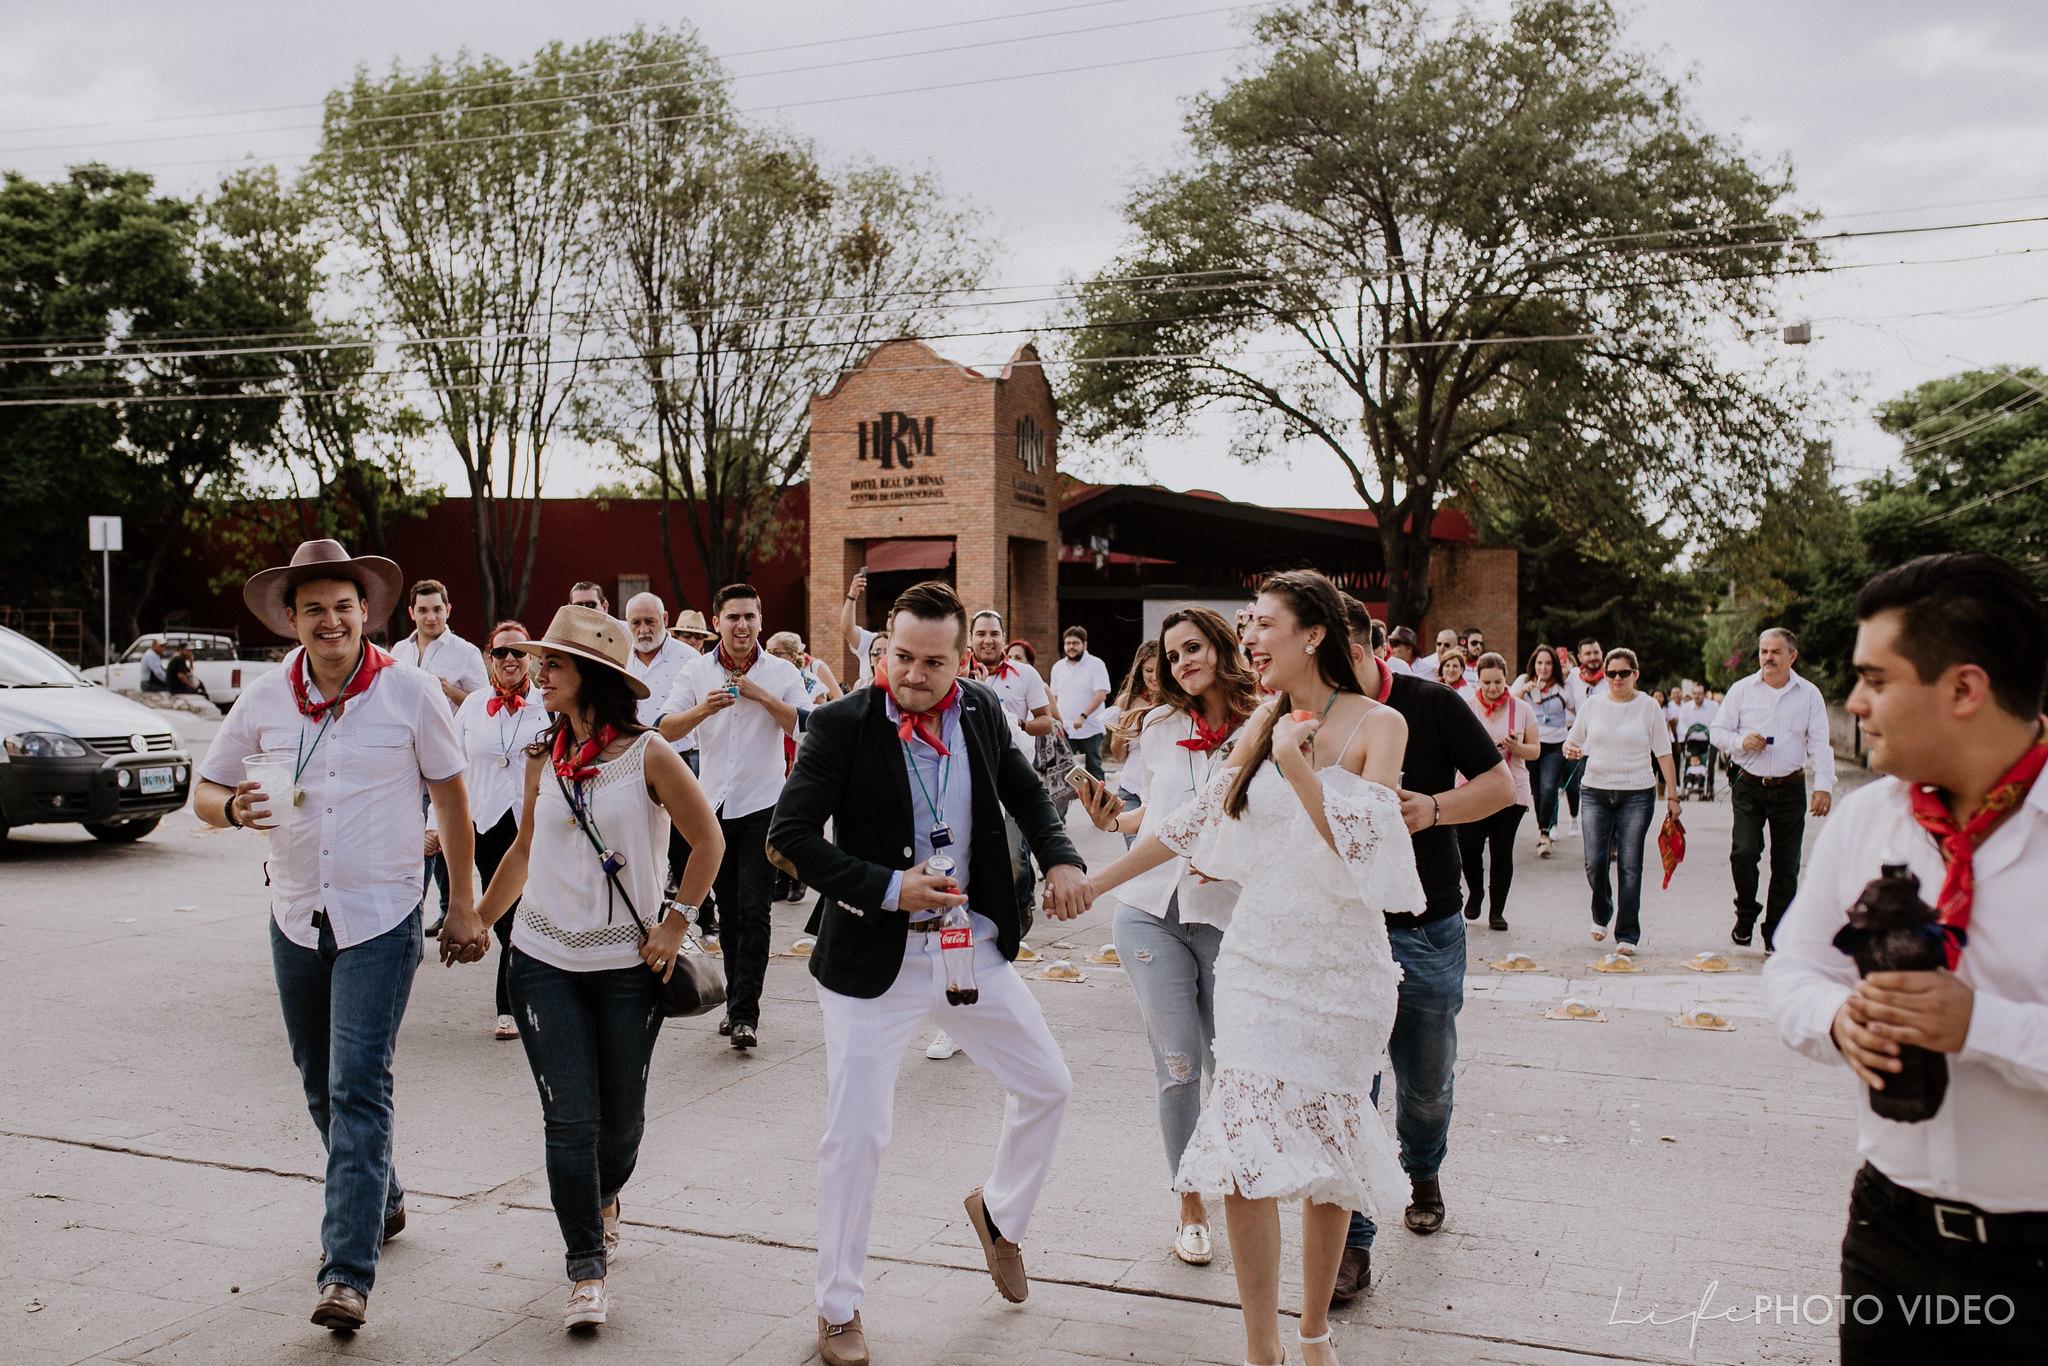 SanMigueldeAllende_Wedding_Callejoneada_Vaquillada_0049